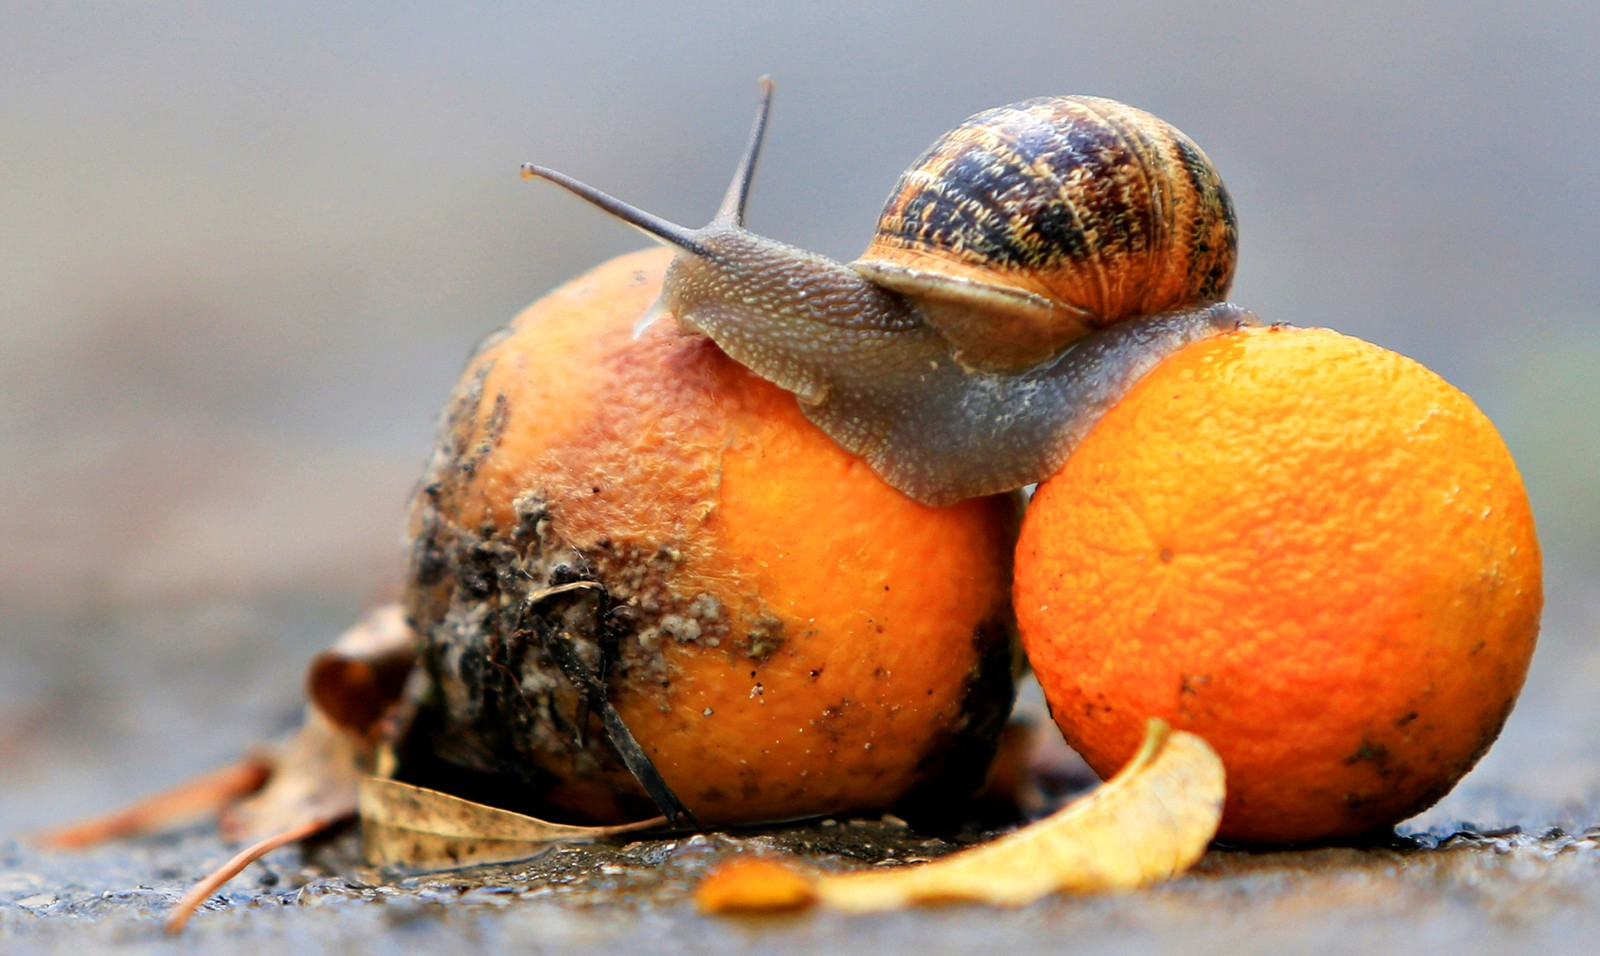 Livet kan neppe bli bedre for en snegle. Det har nettopp regnet, og så snublet han over to appelsiner. Bildet er tatt i Jizeen i Libanon.